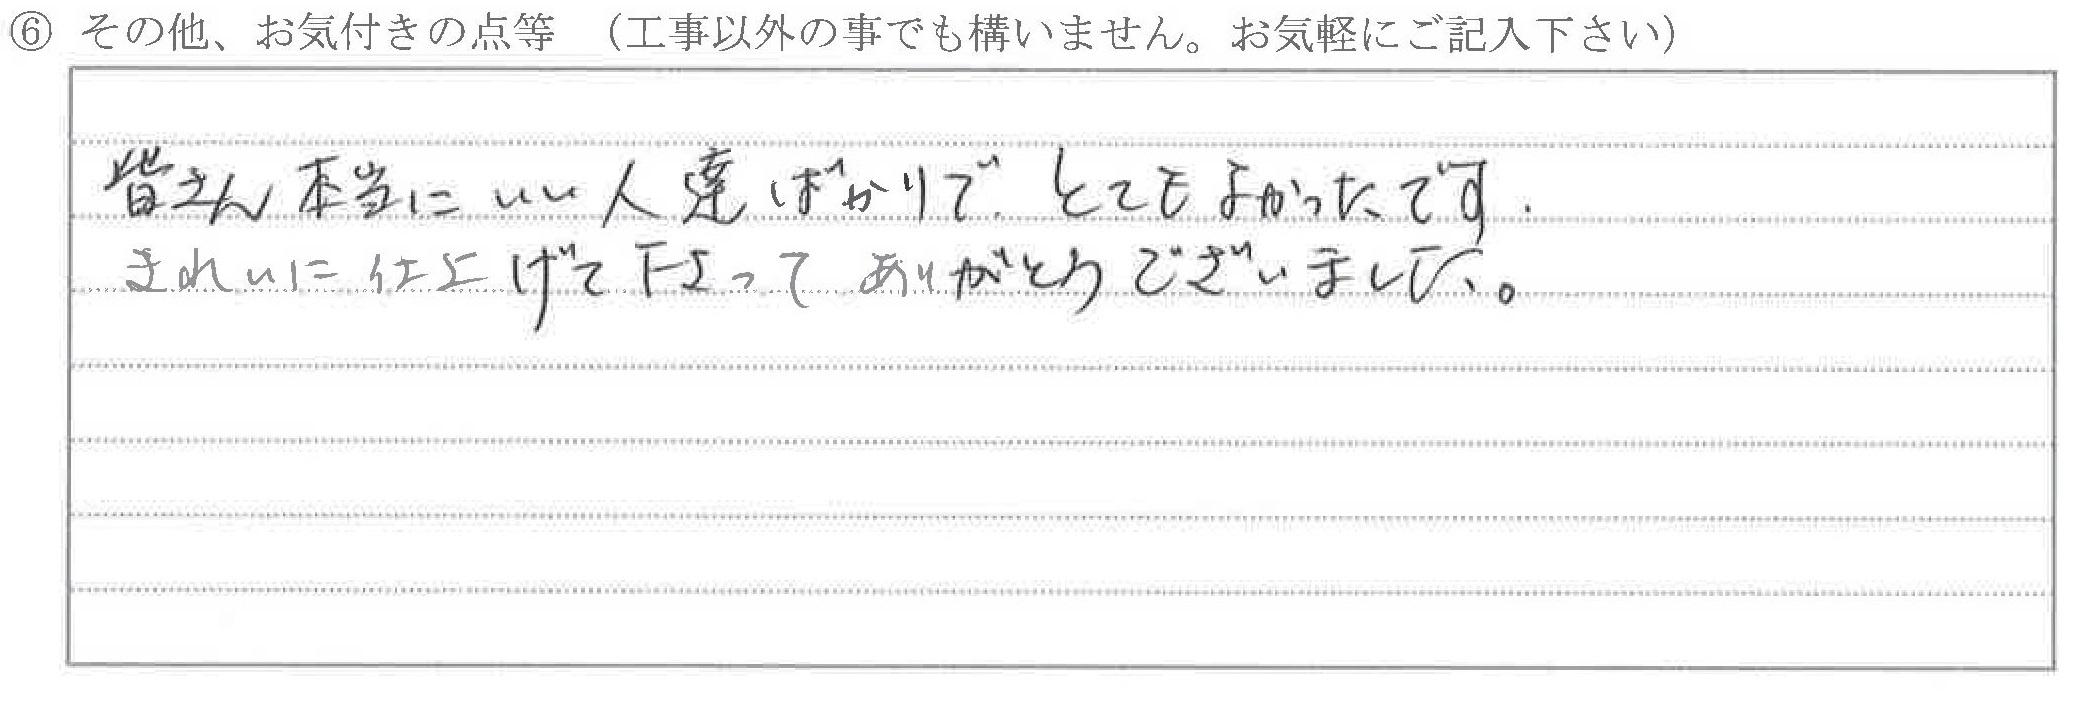 富山県富山市N様に頂いた水廻改装・外構改修工事についてのお気づきの点がありましたら、お聞かせ下さい。というご質問について「水廻改装・外構改修【お喜びの声】」というお声についての画像